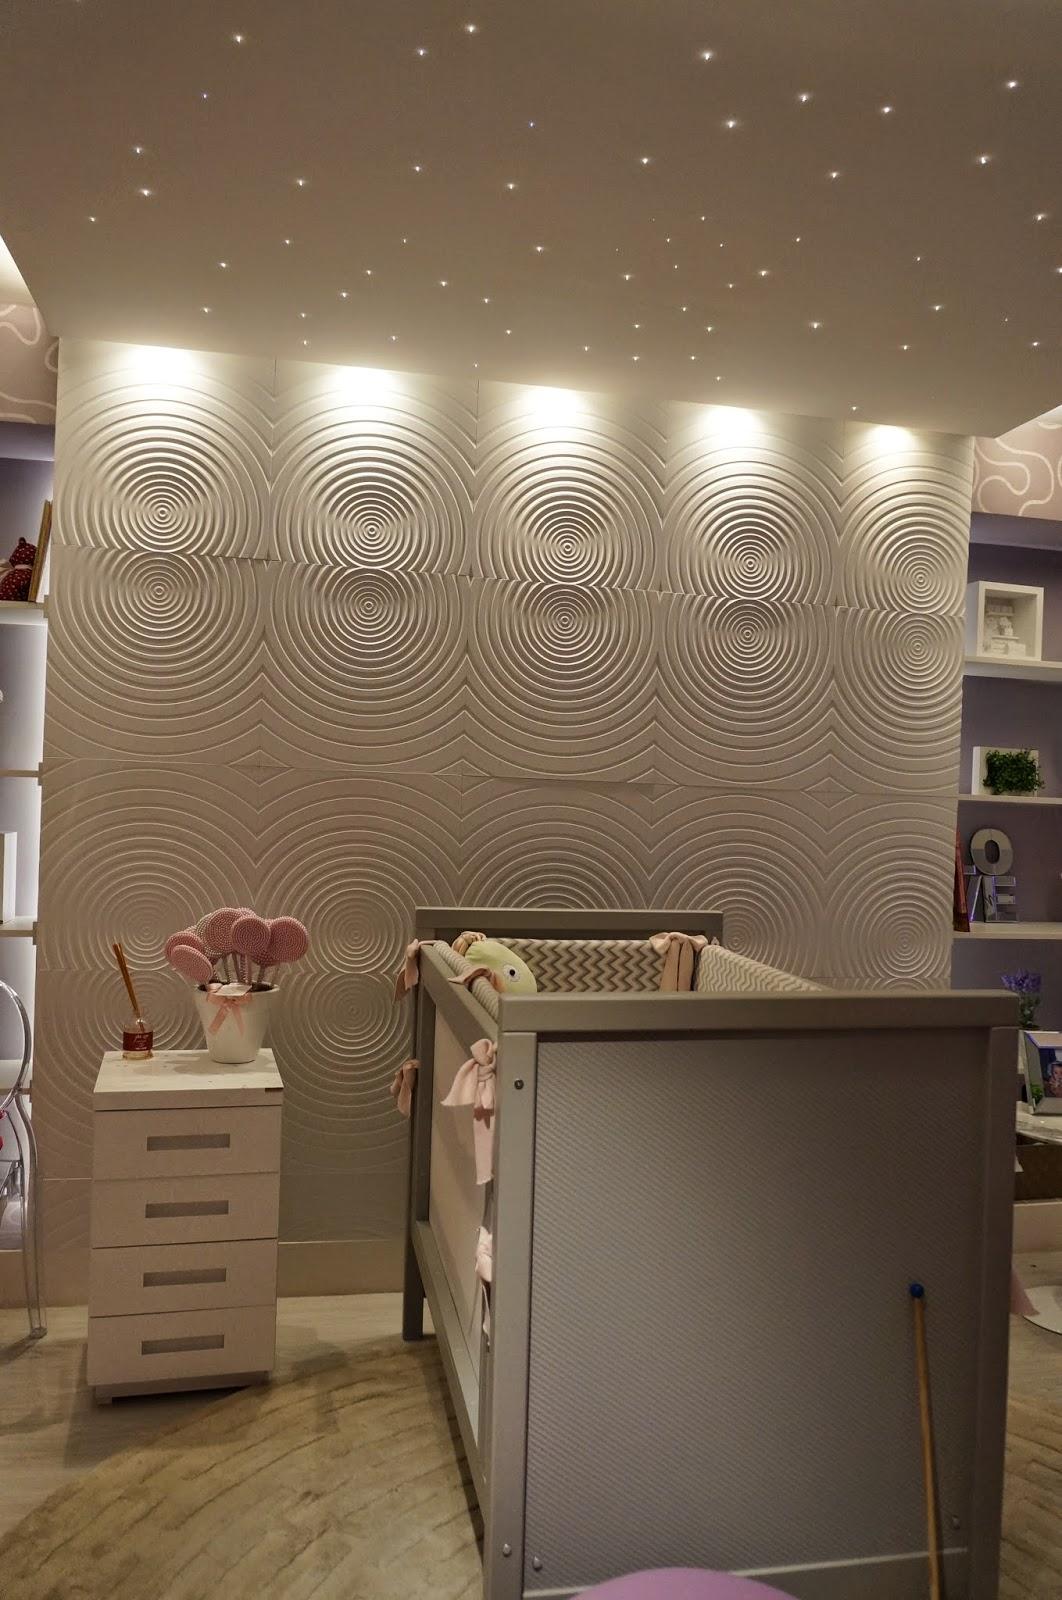 ambiente quarto de bebê - Raquel Kabbani - iluminação para cenário do quarto de bebê - Casa Cor SP 2014